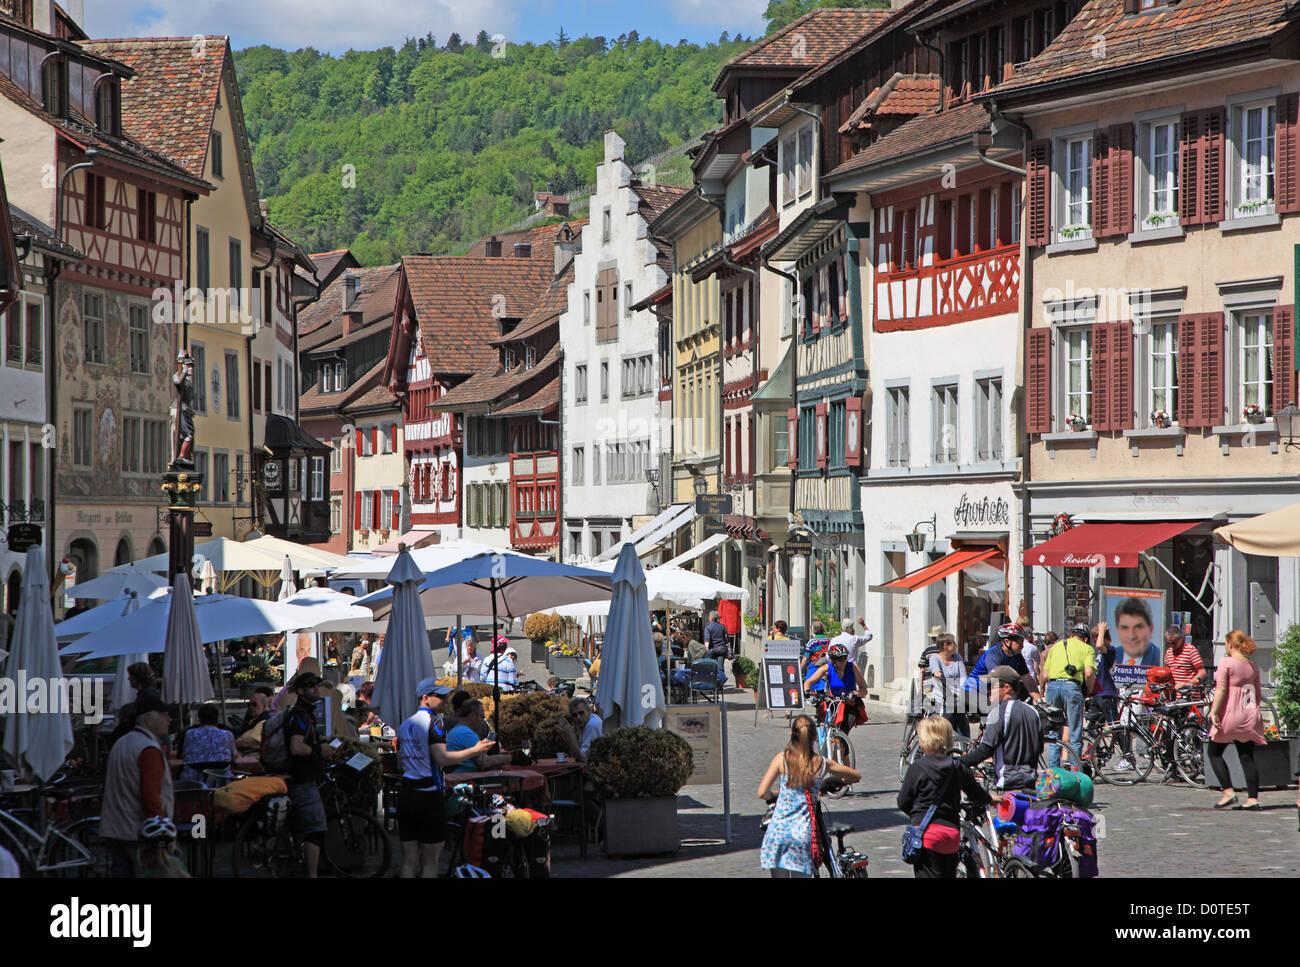 Travel, Geography, Architecture, Culture, Europe, Switzerland, Schaffhausen, Stein am Rhein, Town, People, Horizontal Stock Photo